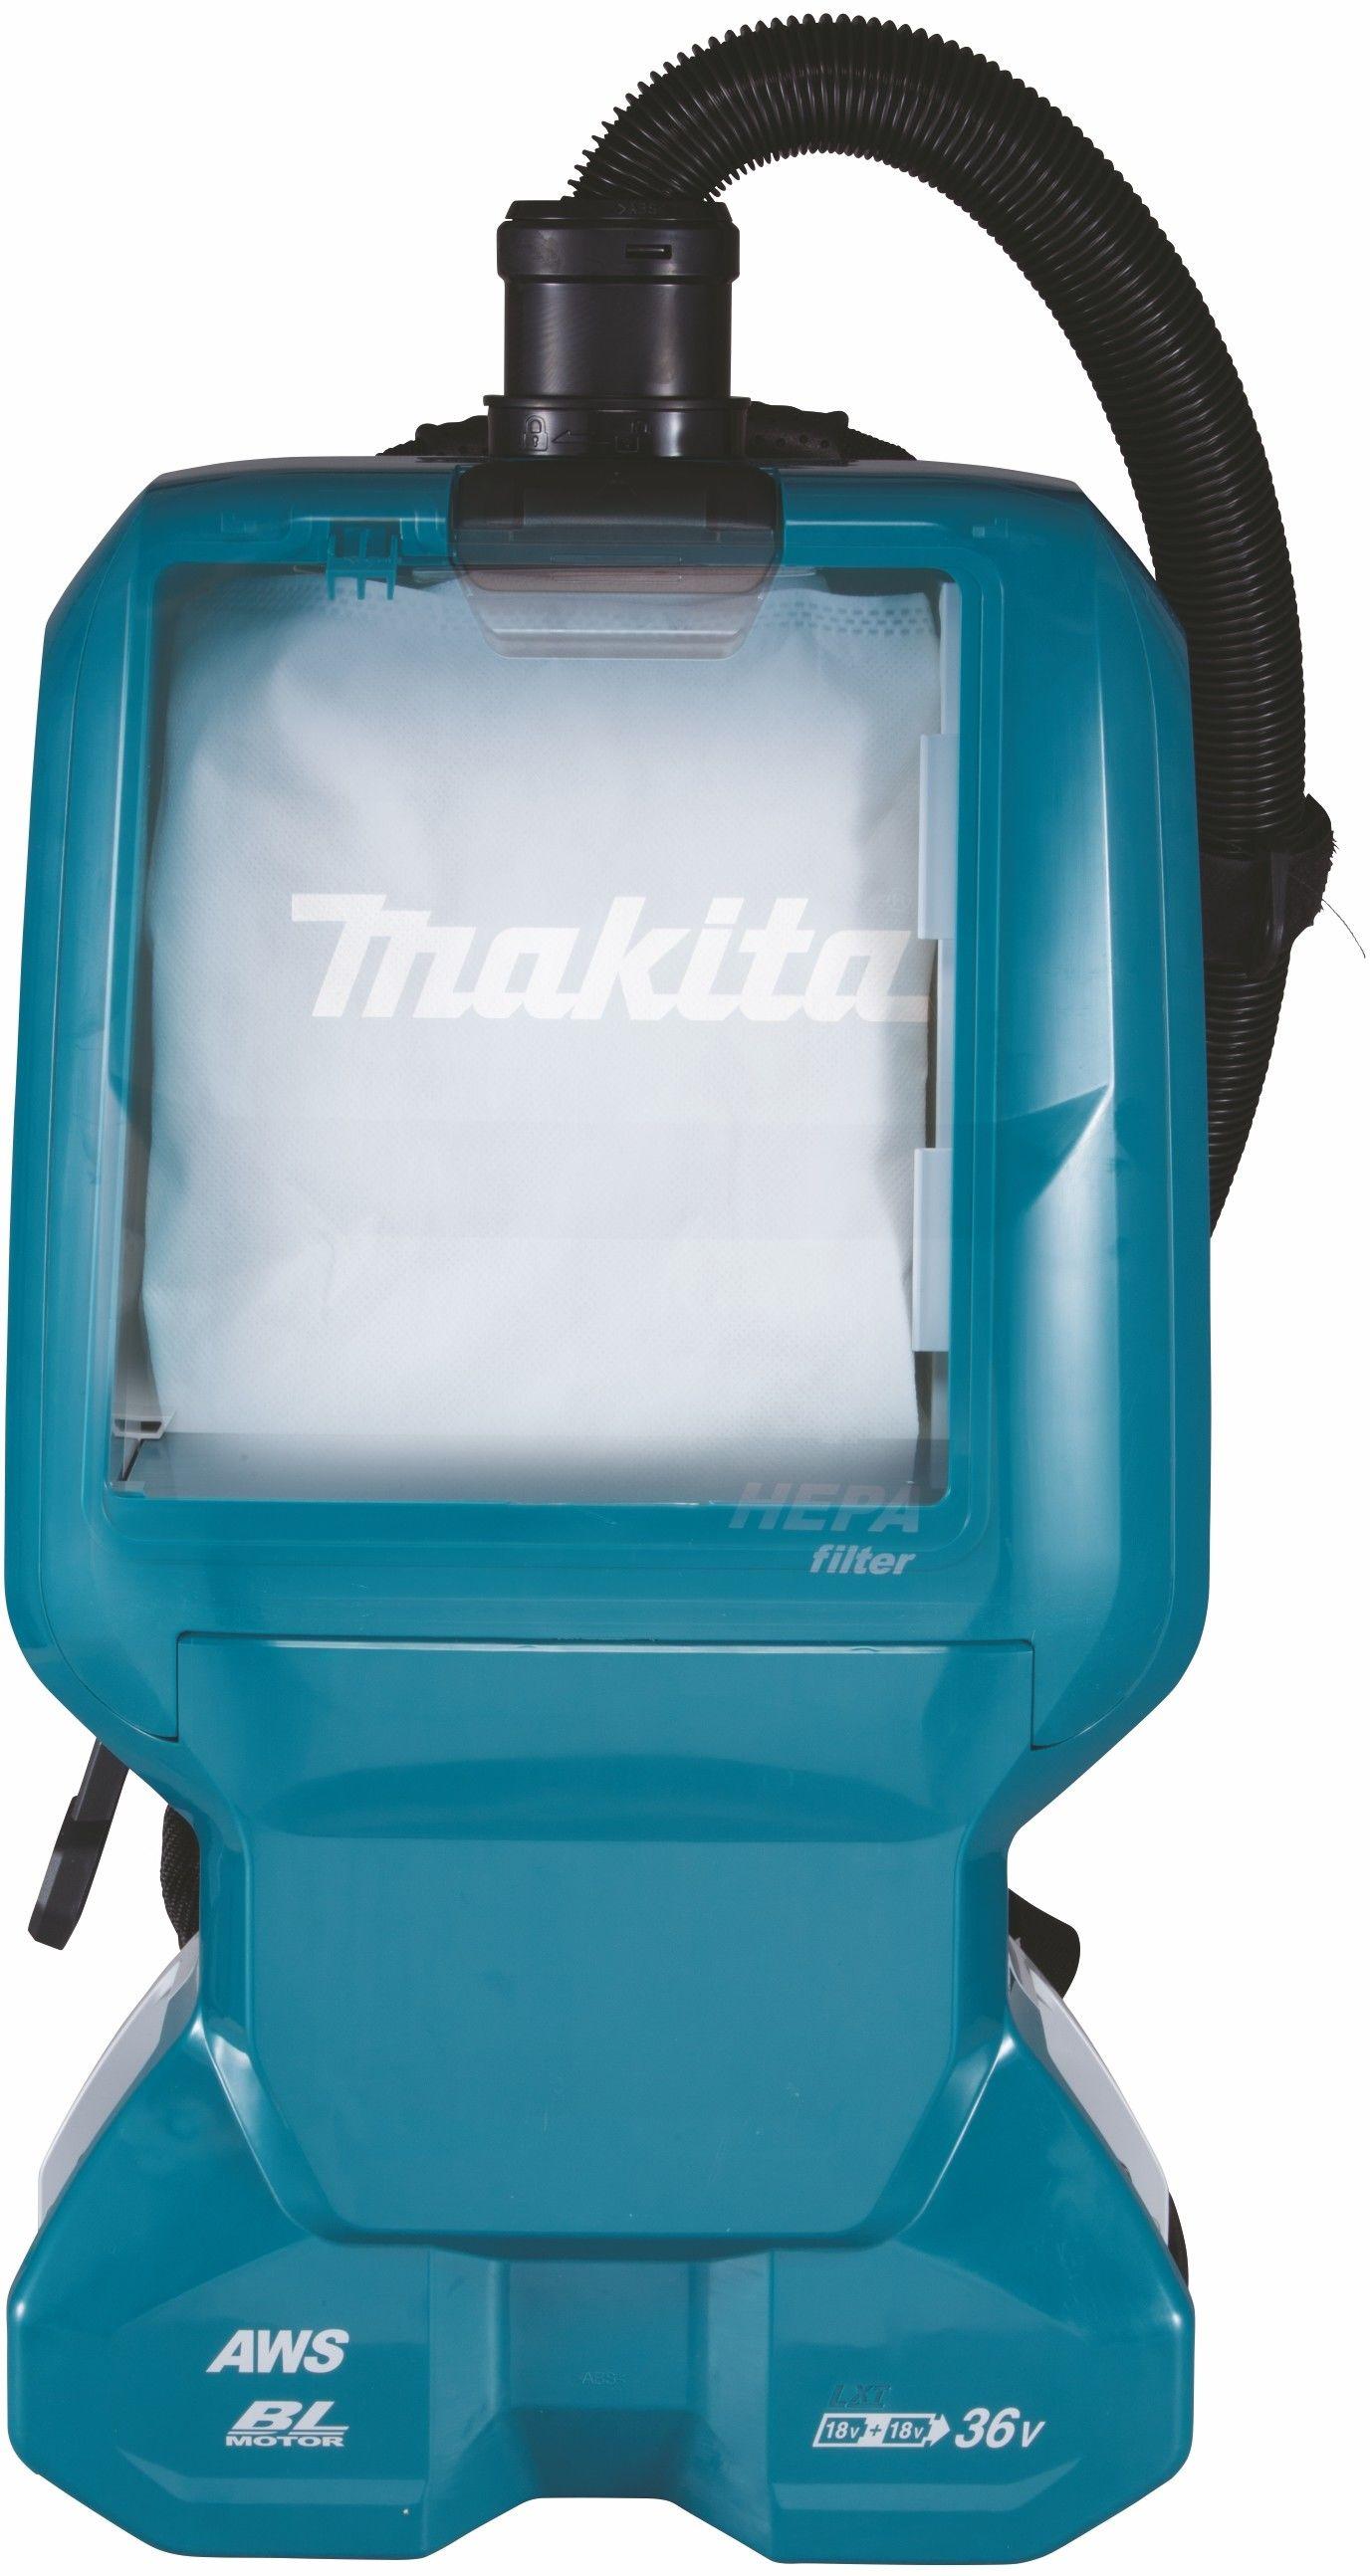 akumulatorowy, 2 biegowy odkurzacz plecakowy 18V Li-Ion AWS Bluetooth Makita [DVC665ZU] + koszulka polo z logo Makita [R-0314]